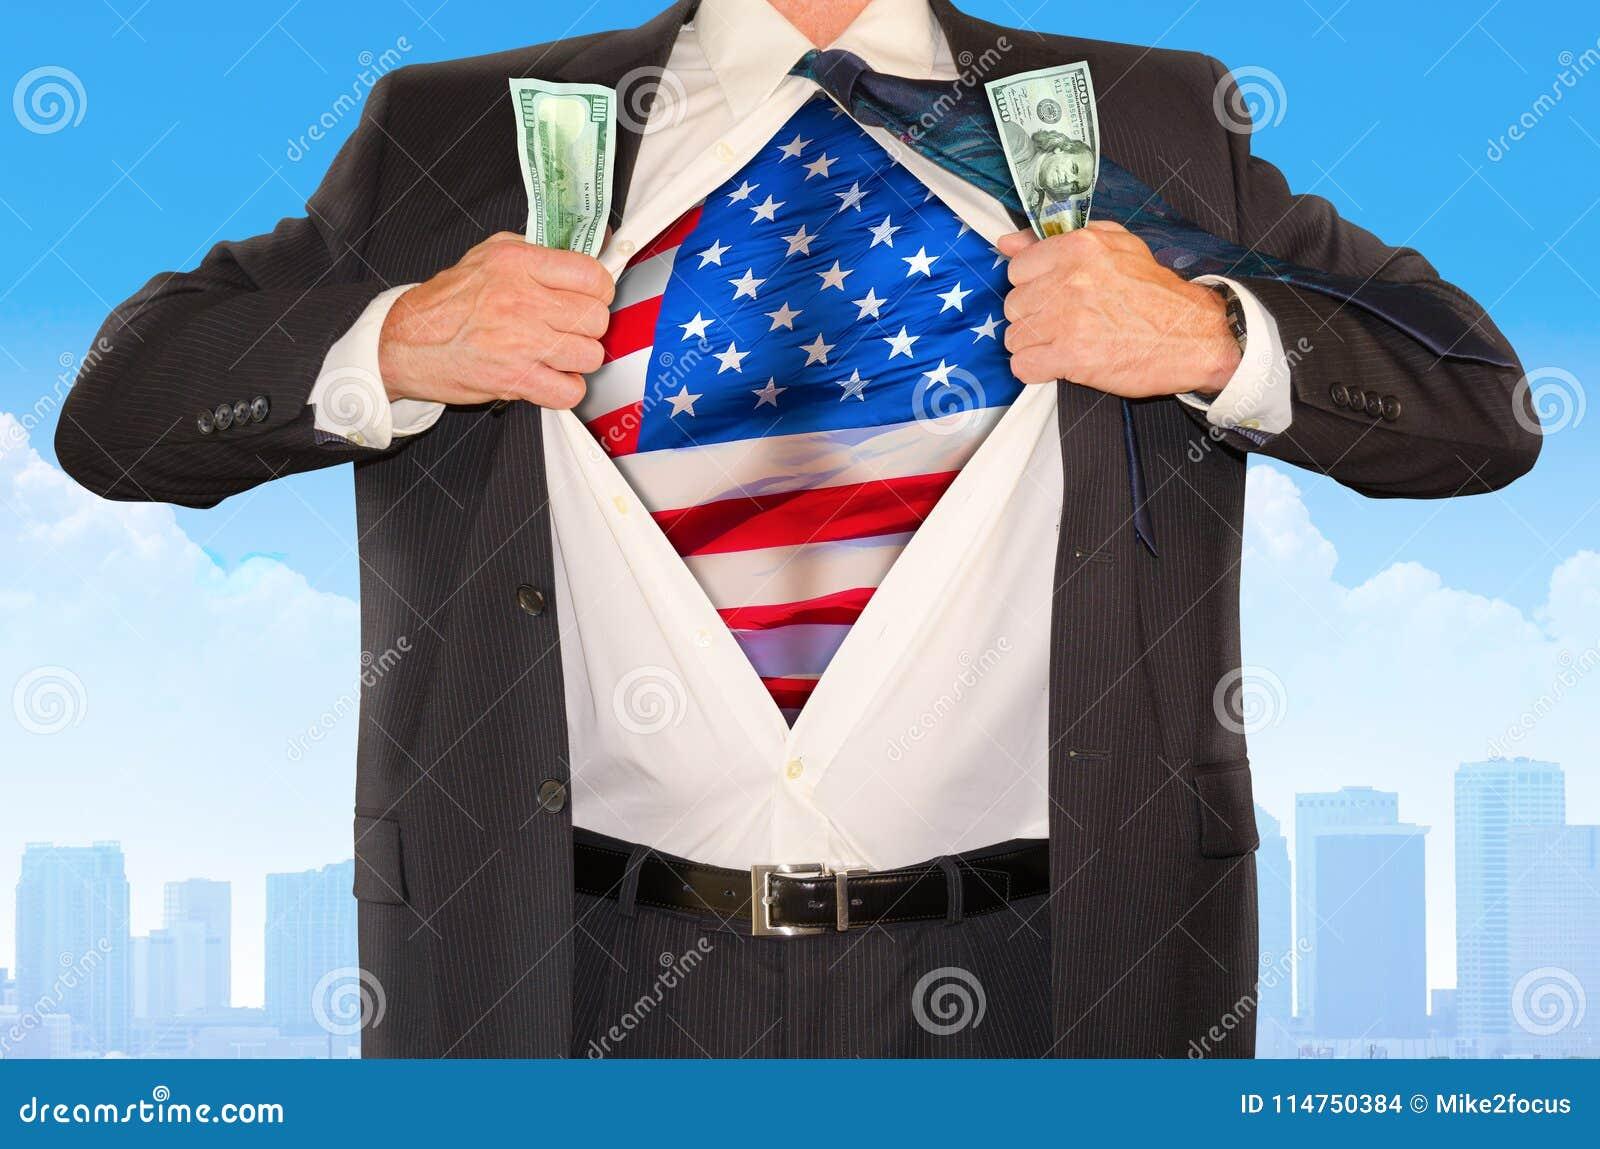 Clutching χρήματα superhero επιχειρηματιών και πουκάμισο ανοίγματος για να αποκαλύψει τη σημαία των Ηνωμένων Πολιτειών της Αμερικ